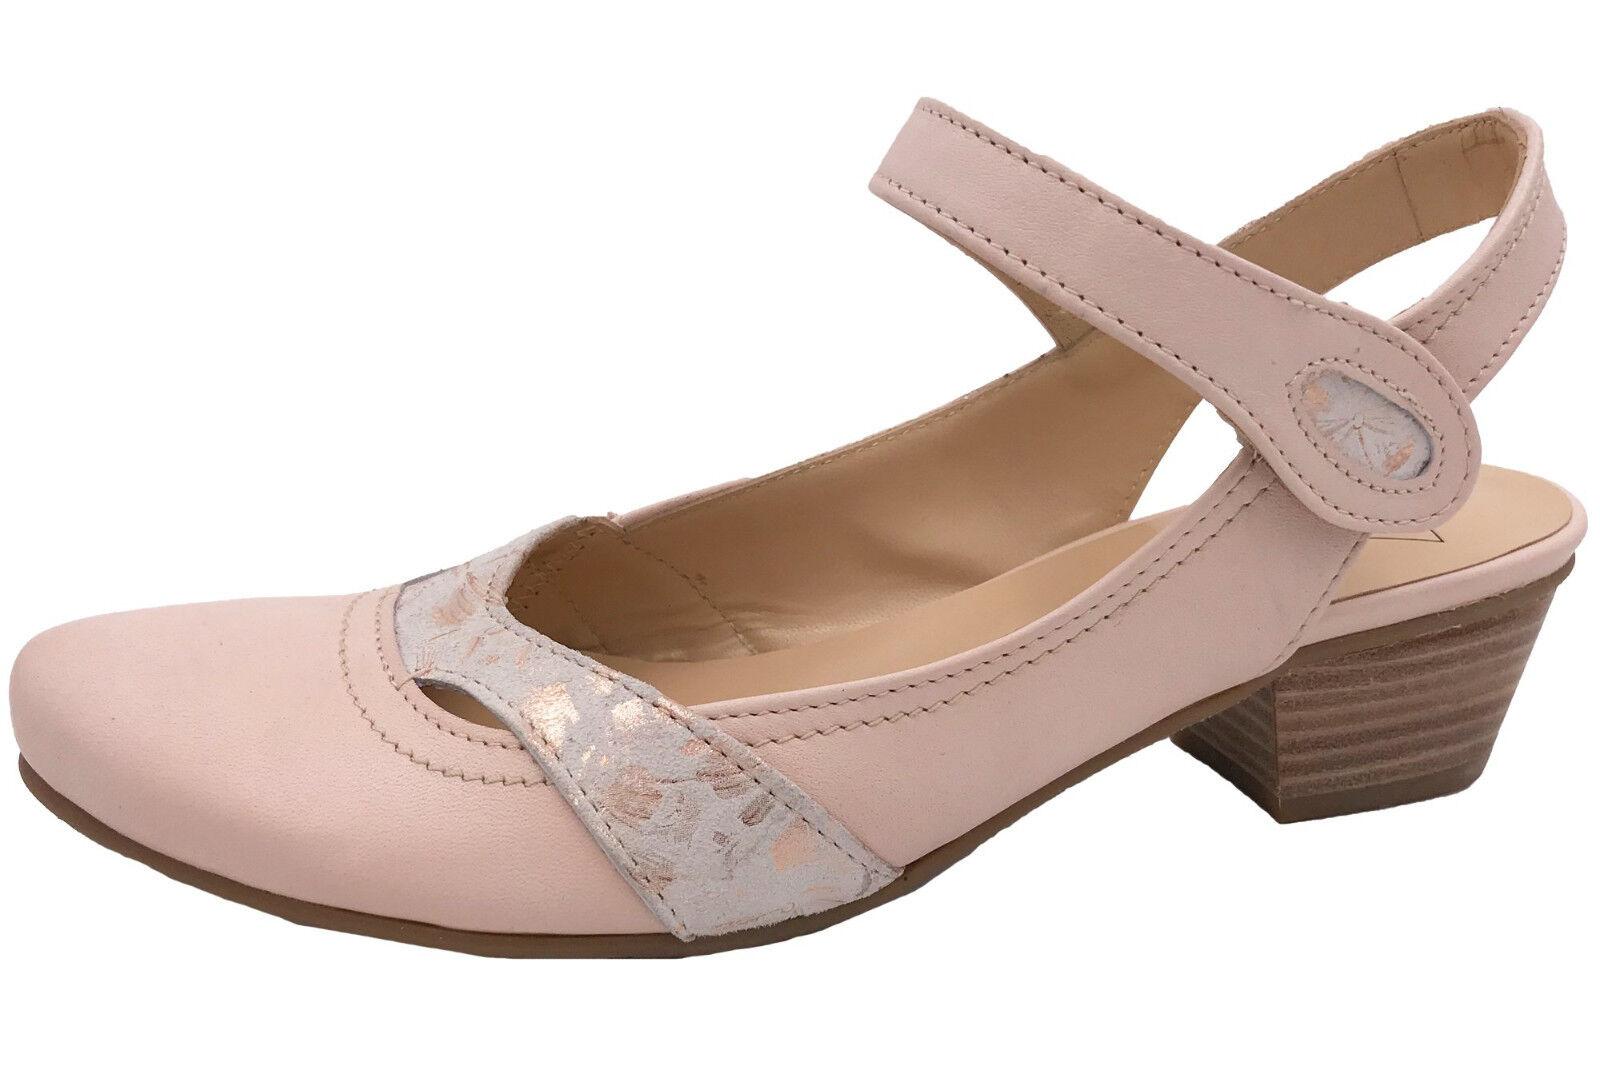 Maria Shoes Riemchen Pumps Nude Rosé Leder Damen M229 natur salmon NEU ab Gr. 34